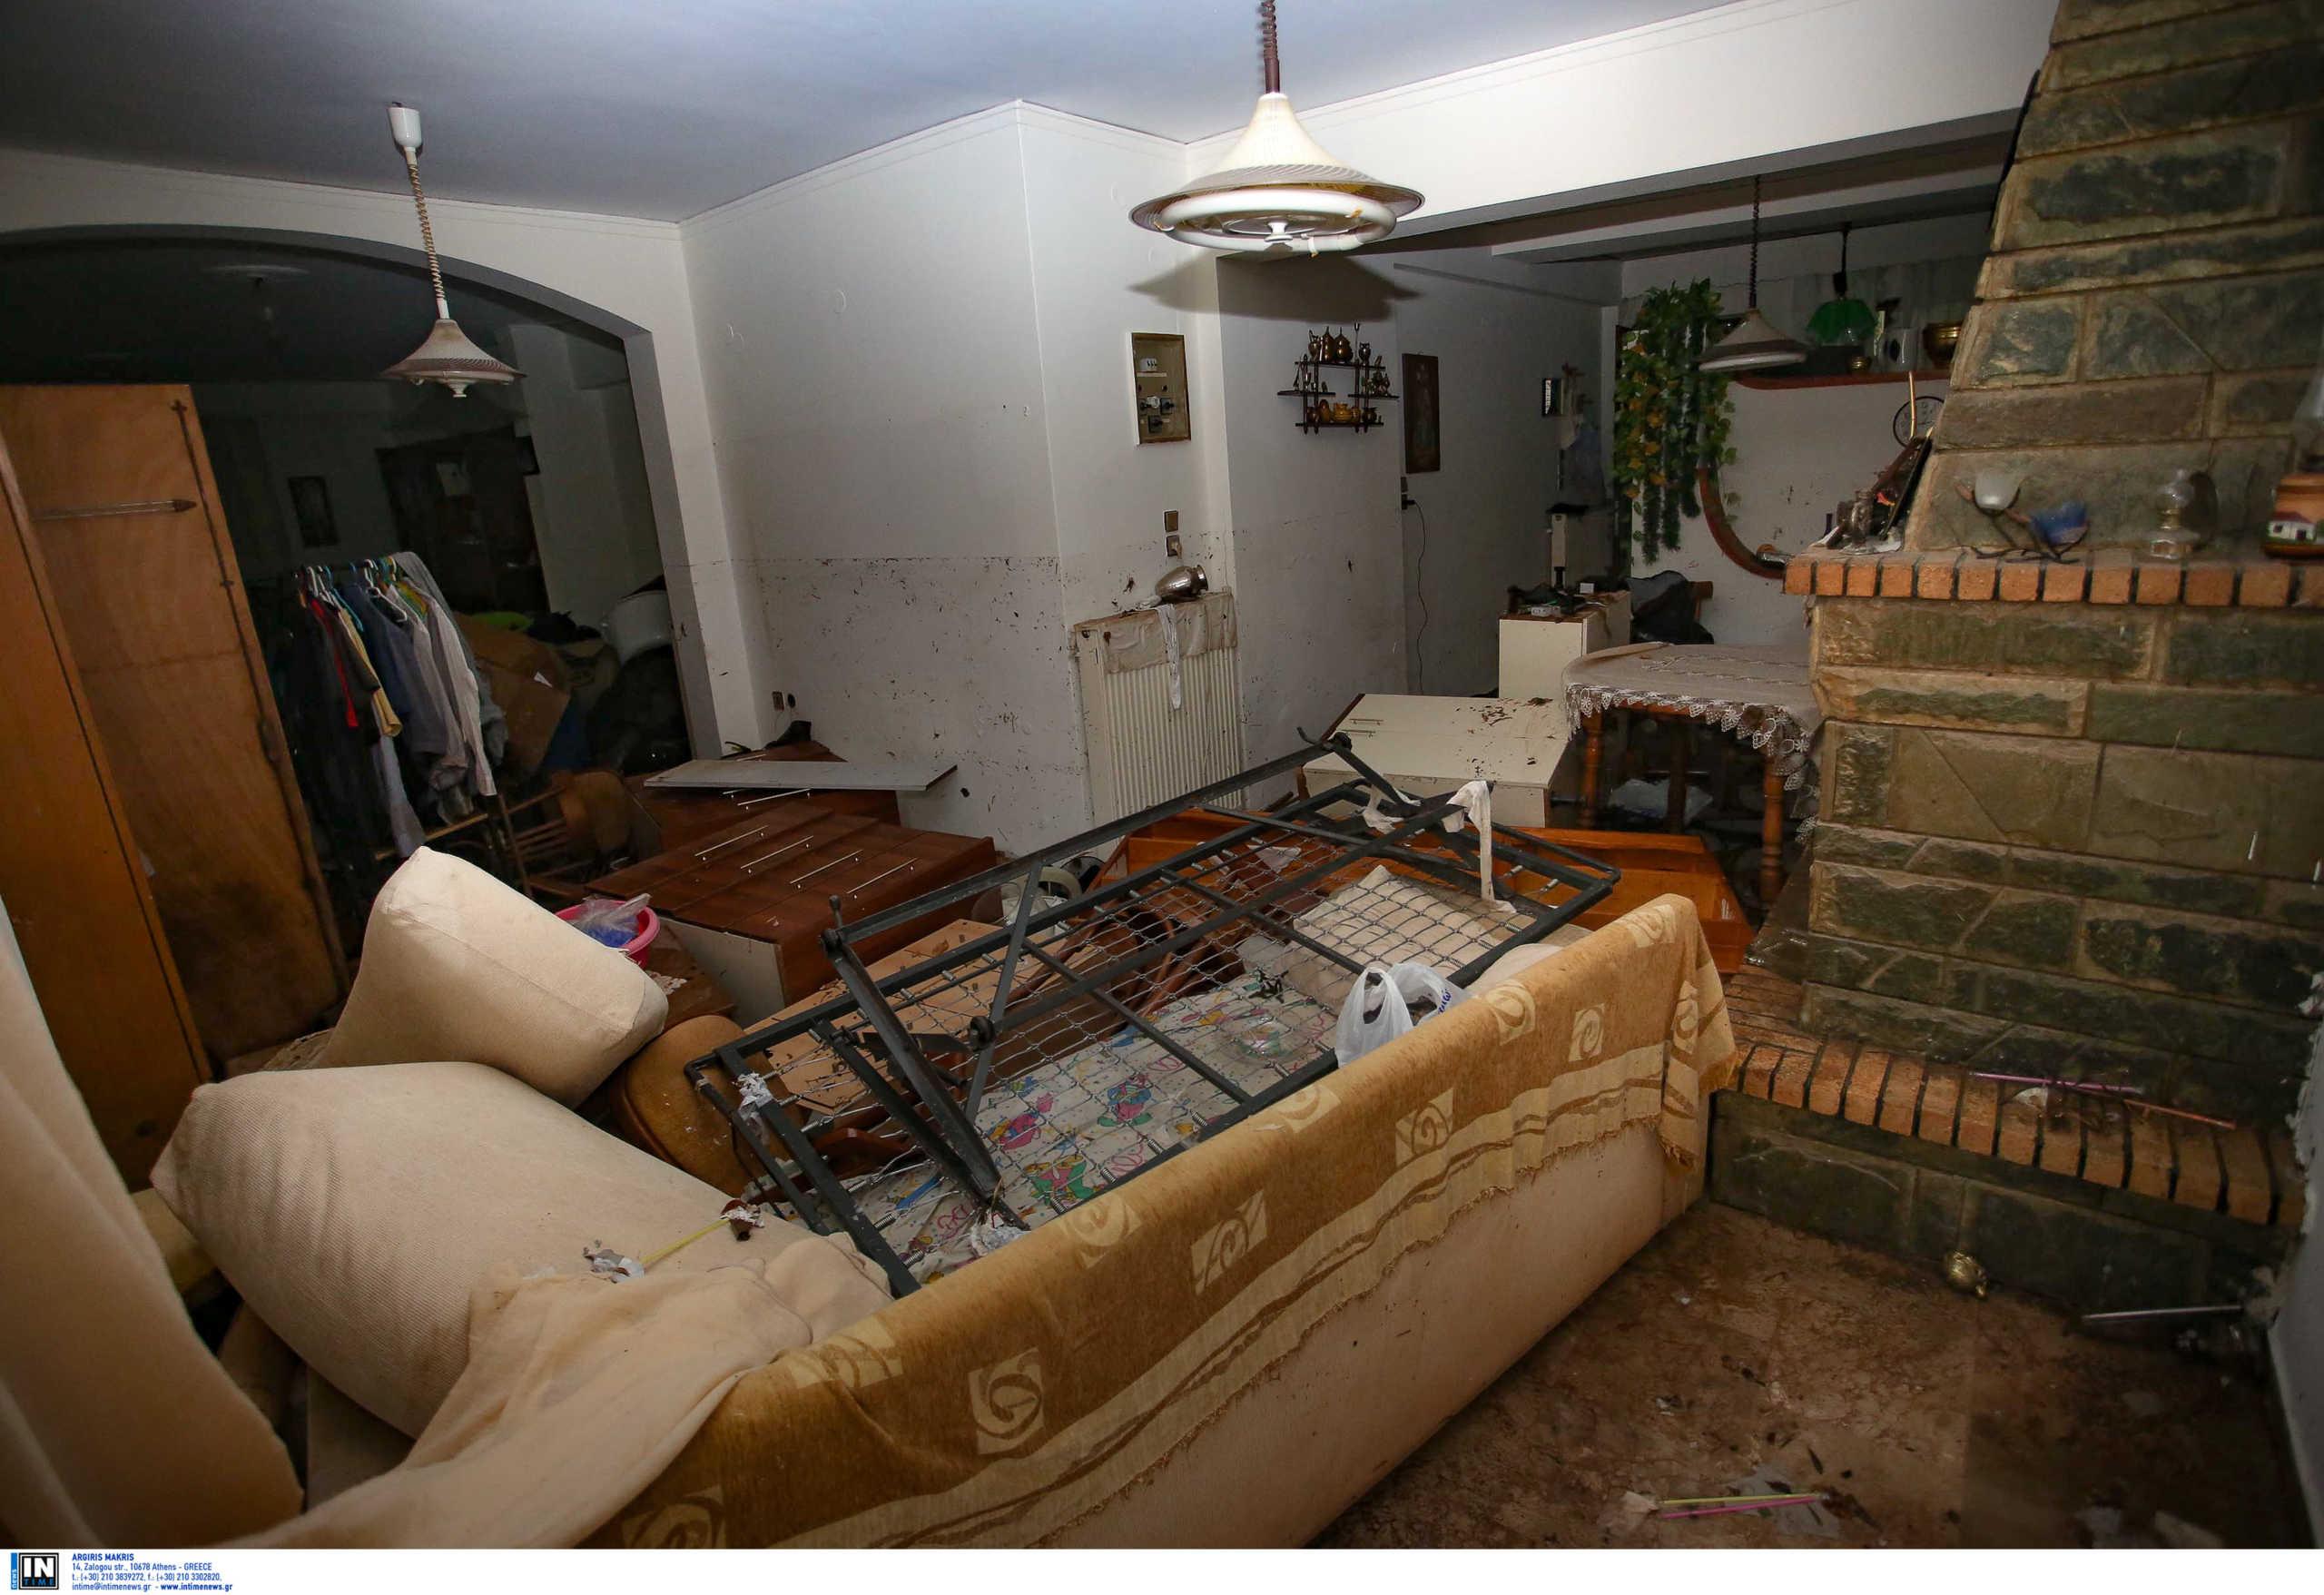 Ηράκλειο: Το υπουργείο Εσωτερικών ενέκρινε τα χρήματα για τις αποζημιώσεις των πλημμυροπαθών